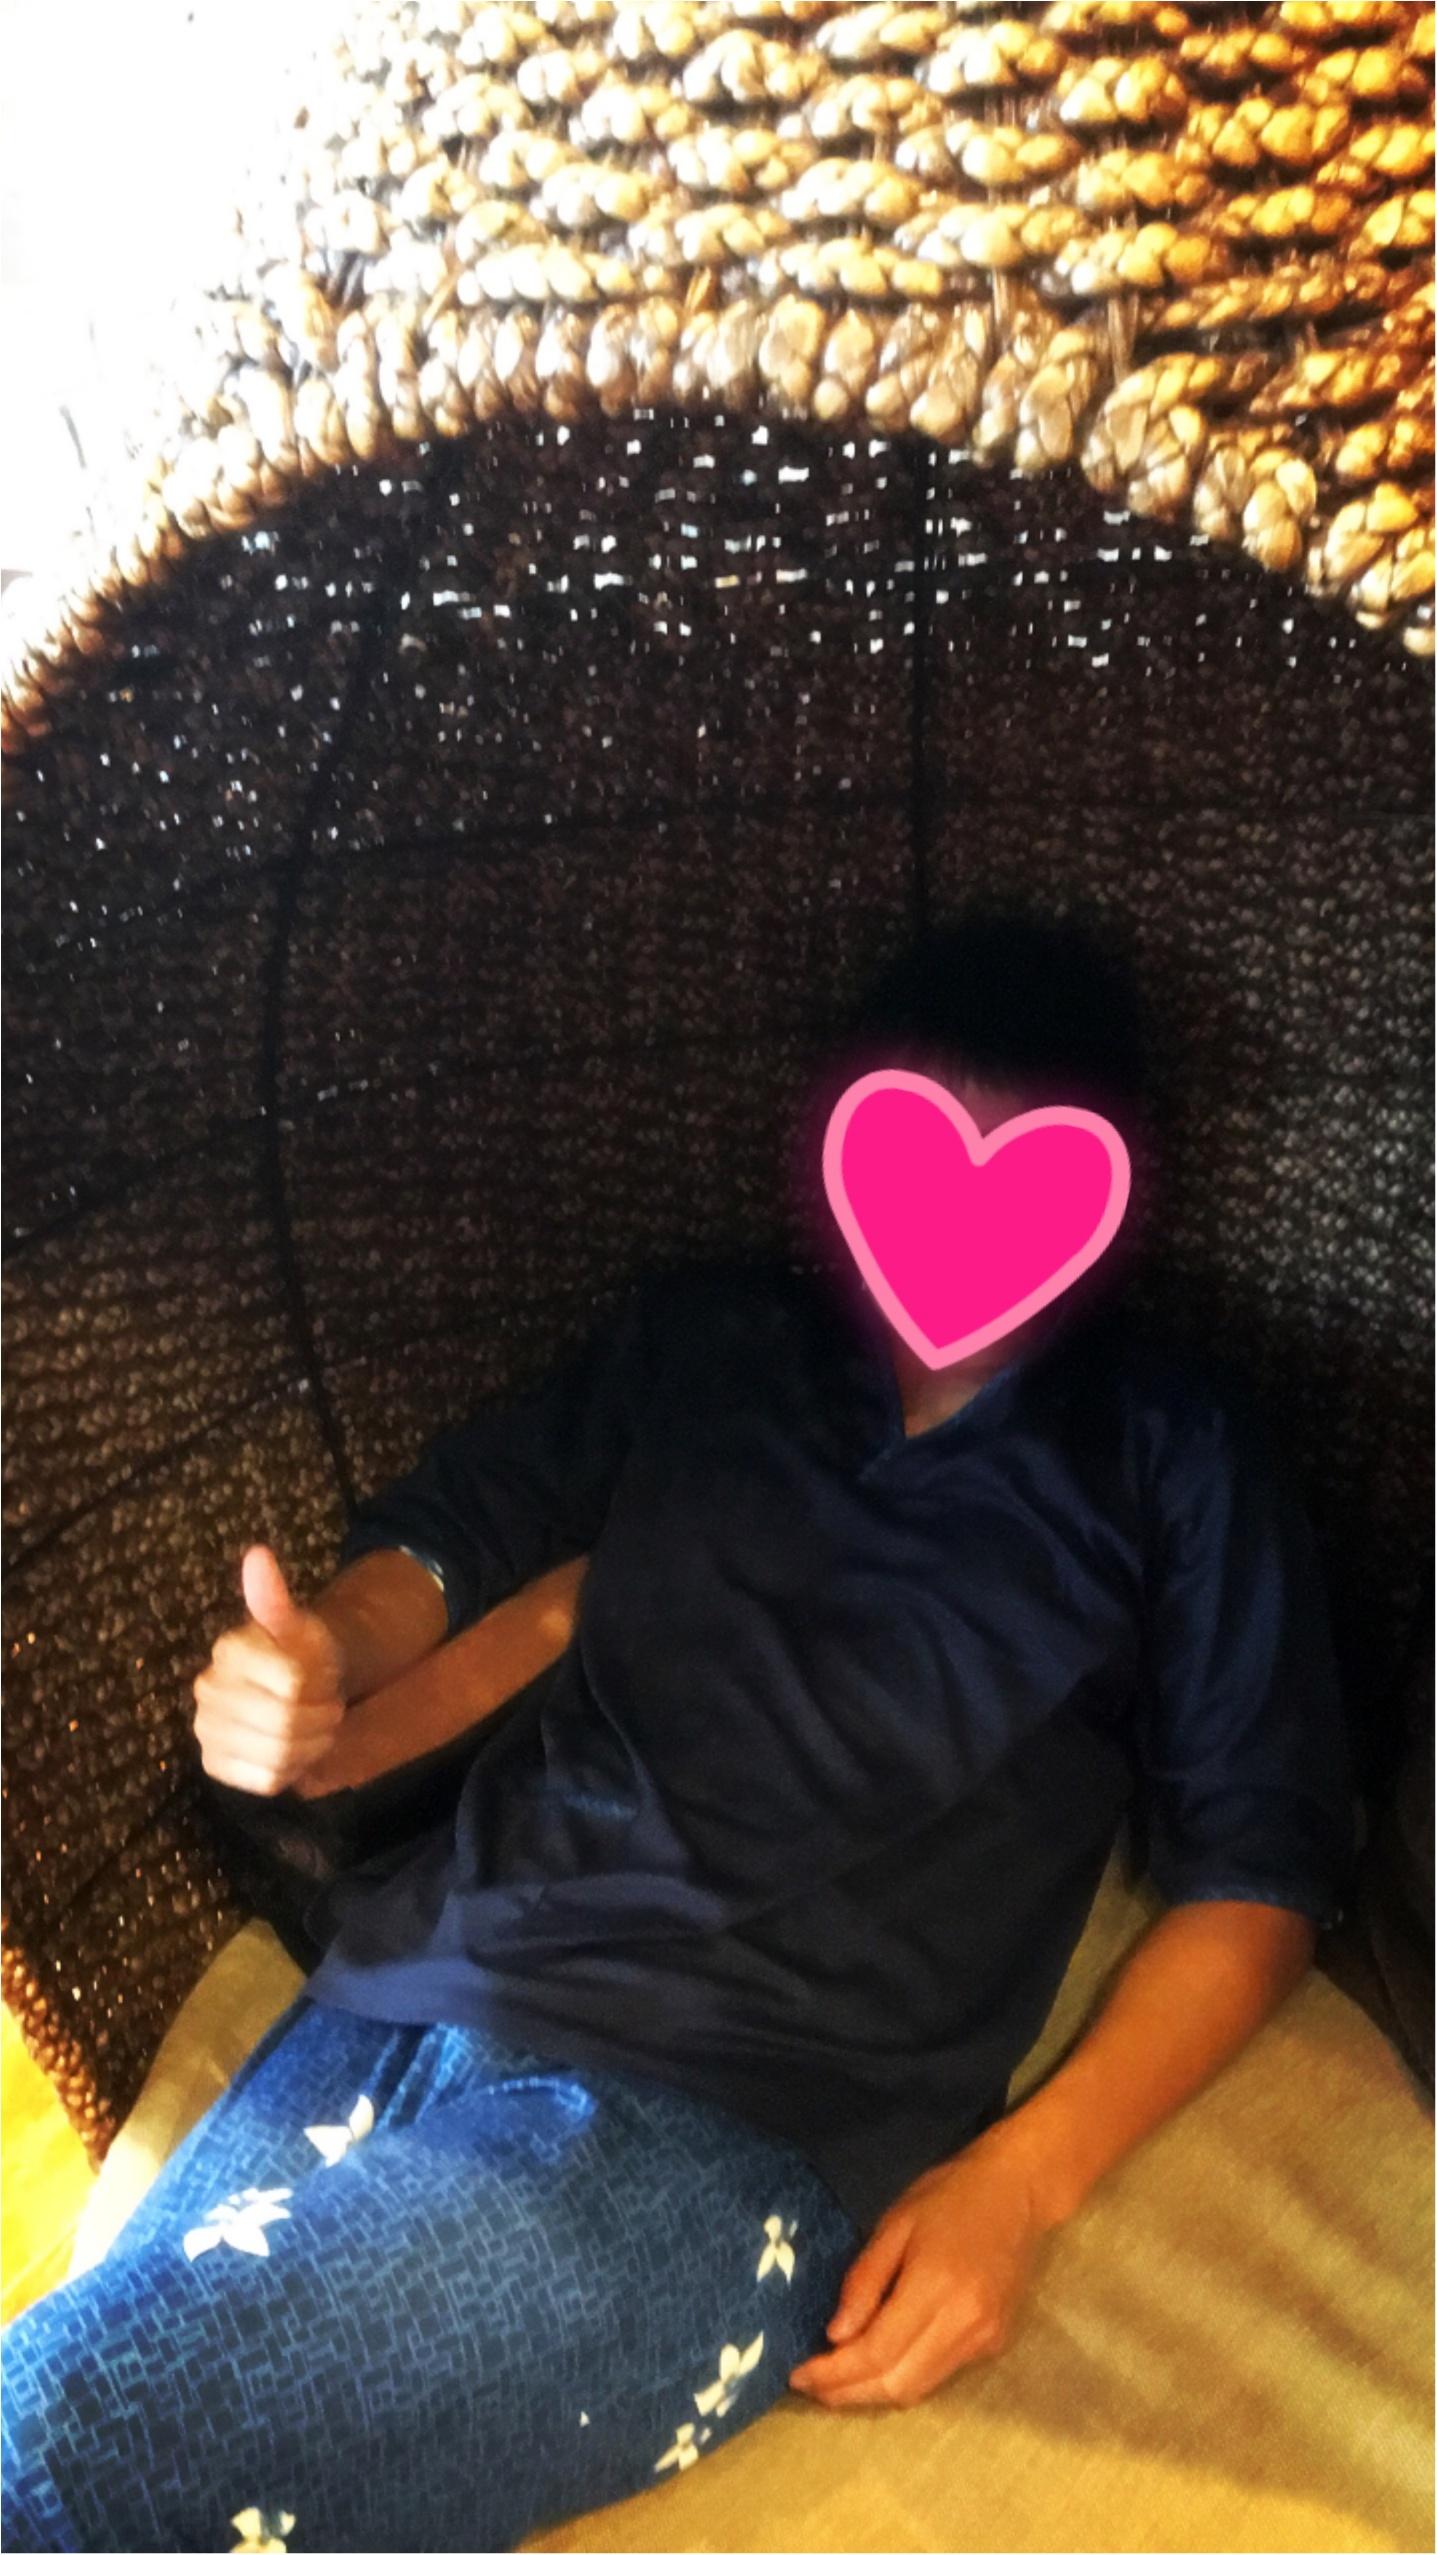 私史上ナンバーワンのスパ!埼玉県熊谷市にある【花湯スパリゾート】へ身も心も癒されてきました!!_8